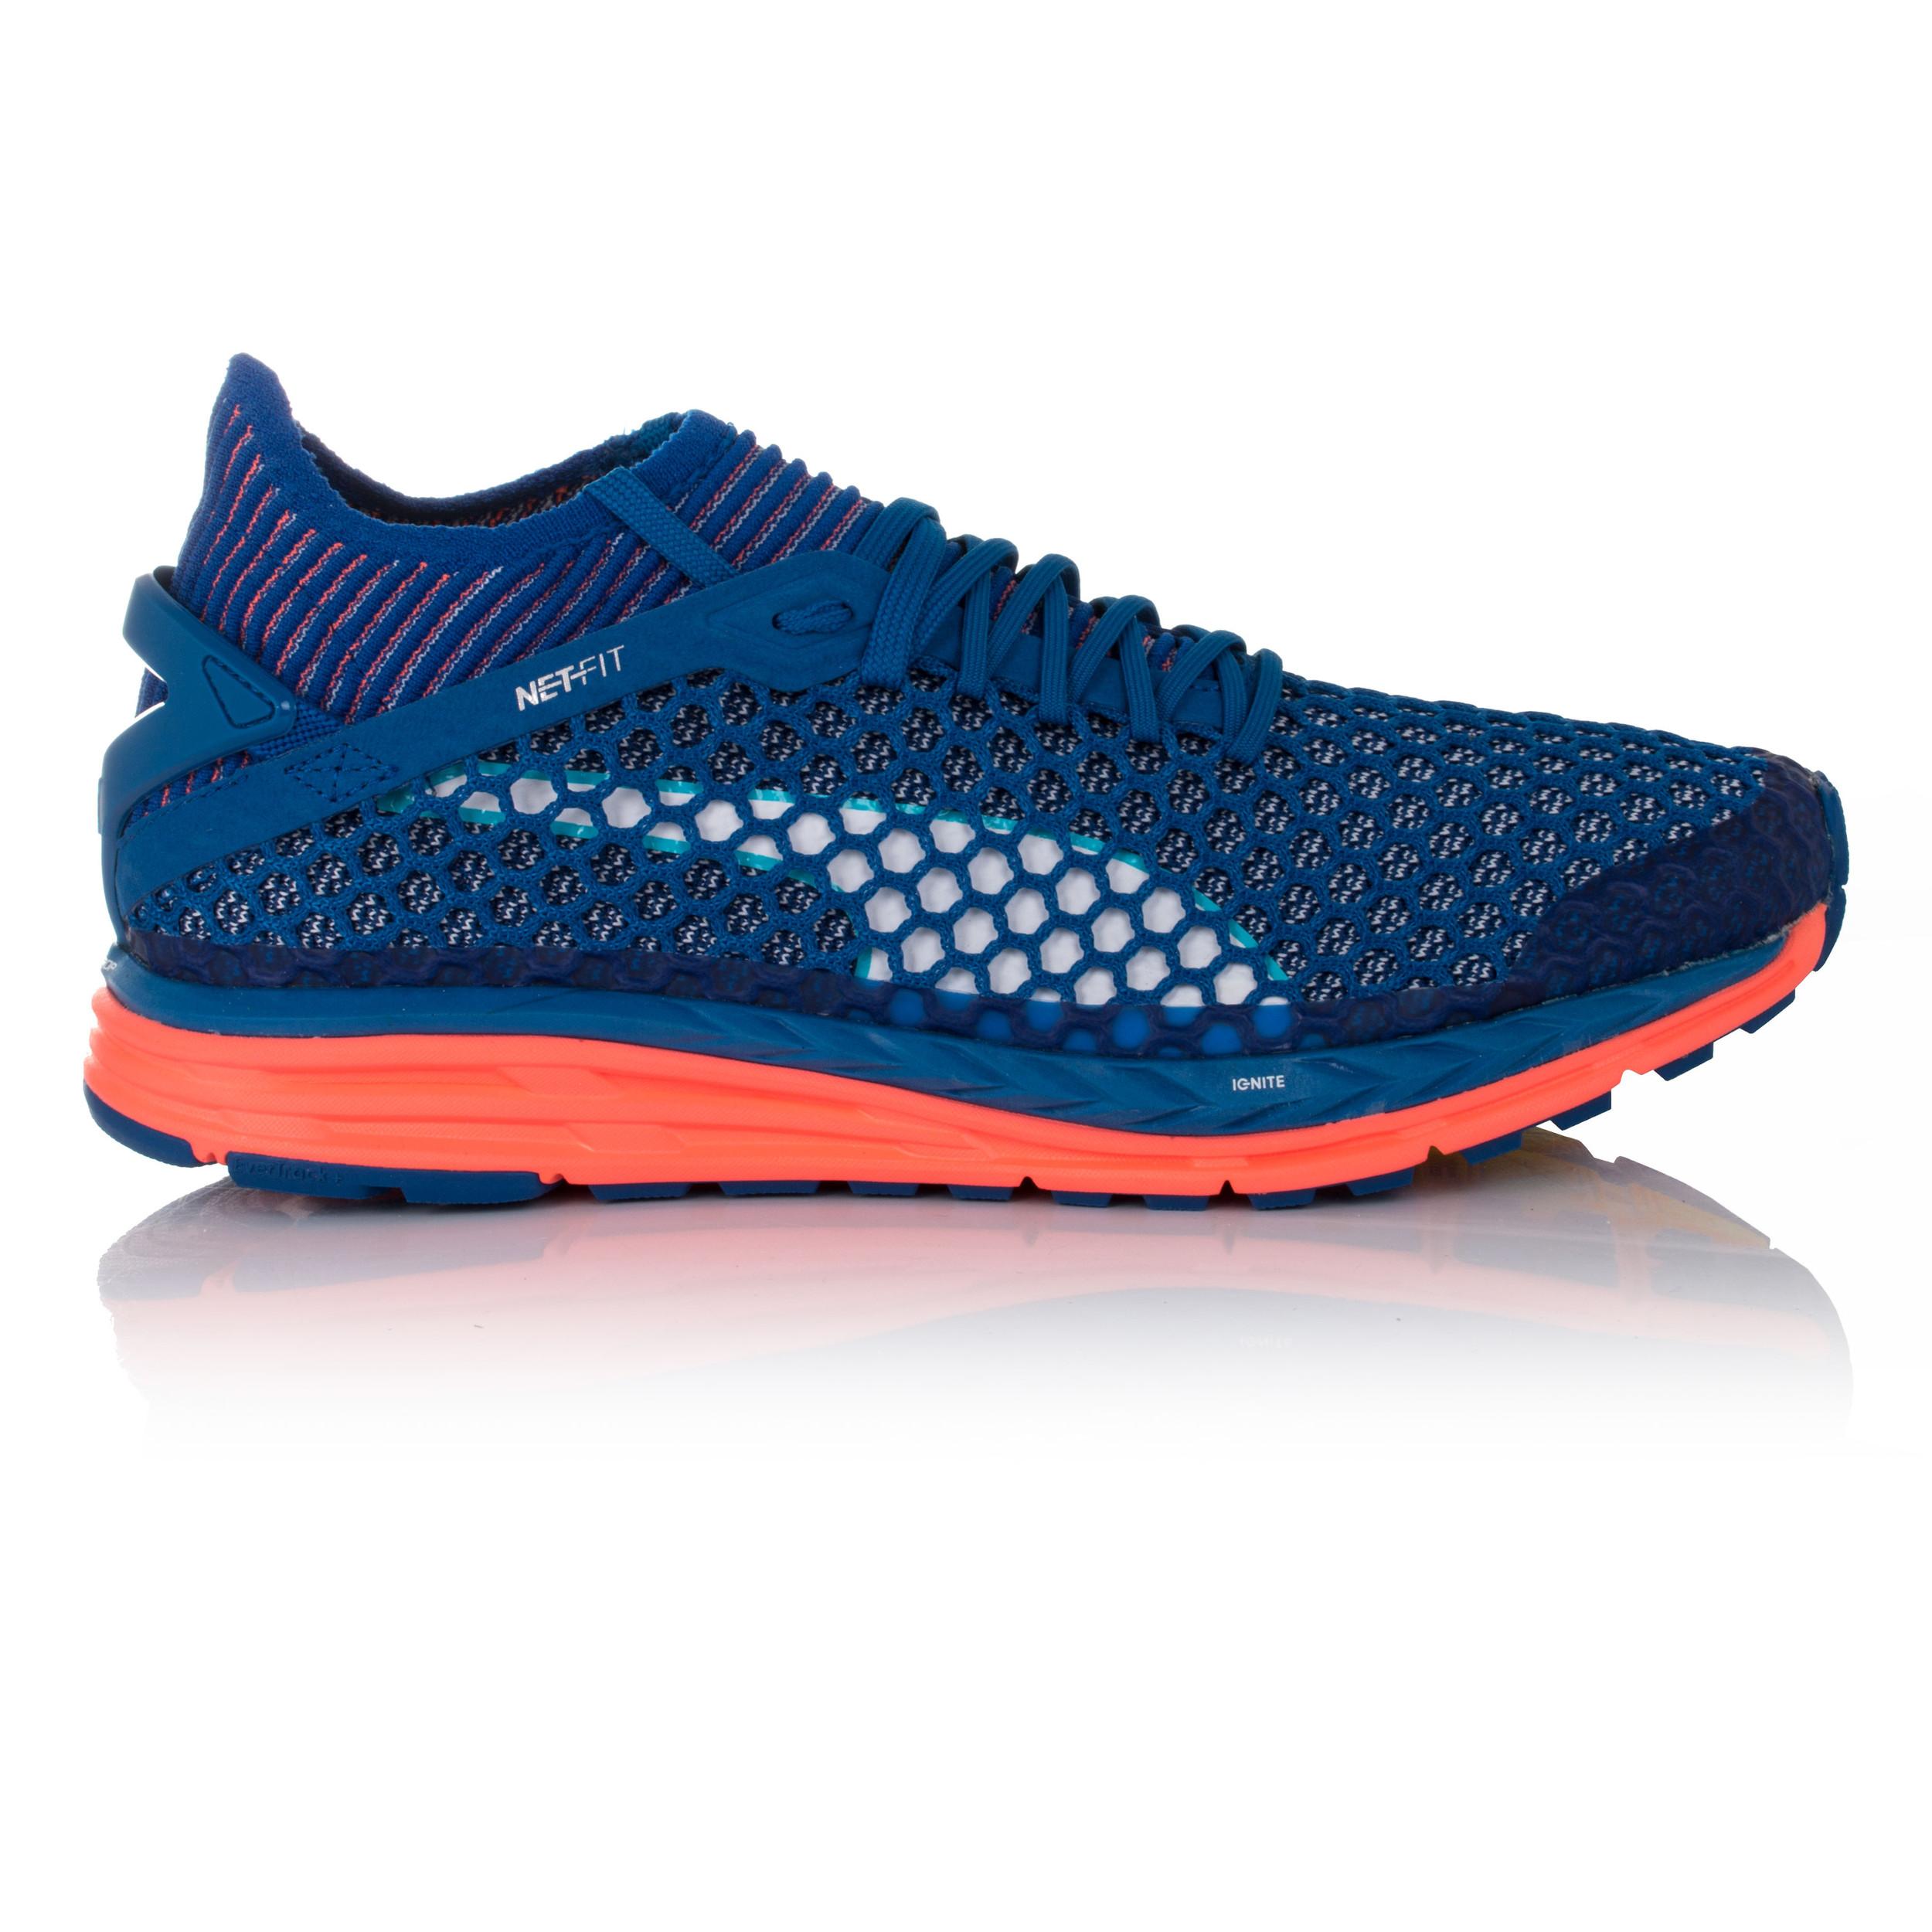 Puma Speed Ignite netfit Da Donna Blu Imbottite Corsa Scarpe da ginnastica scarpe sportive